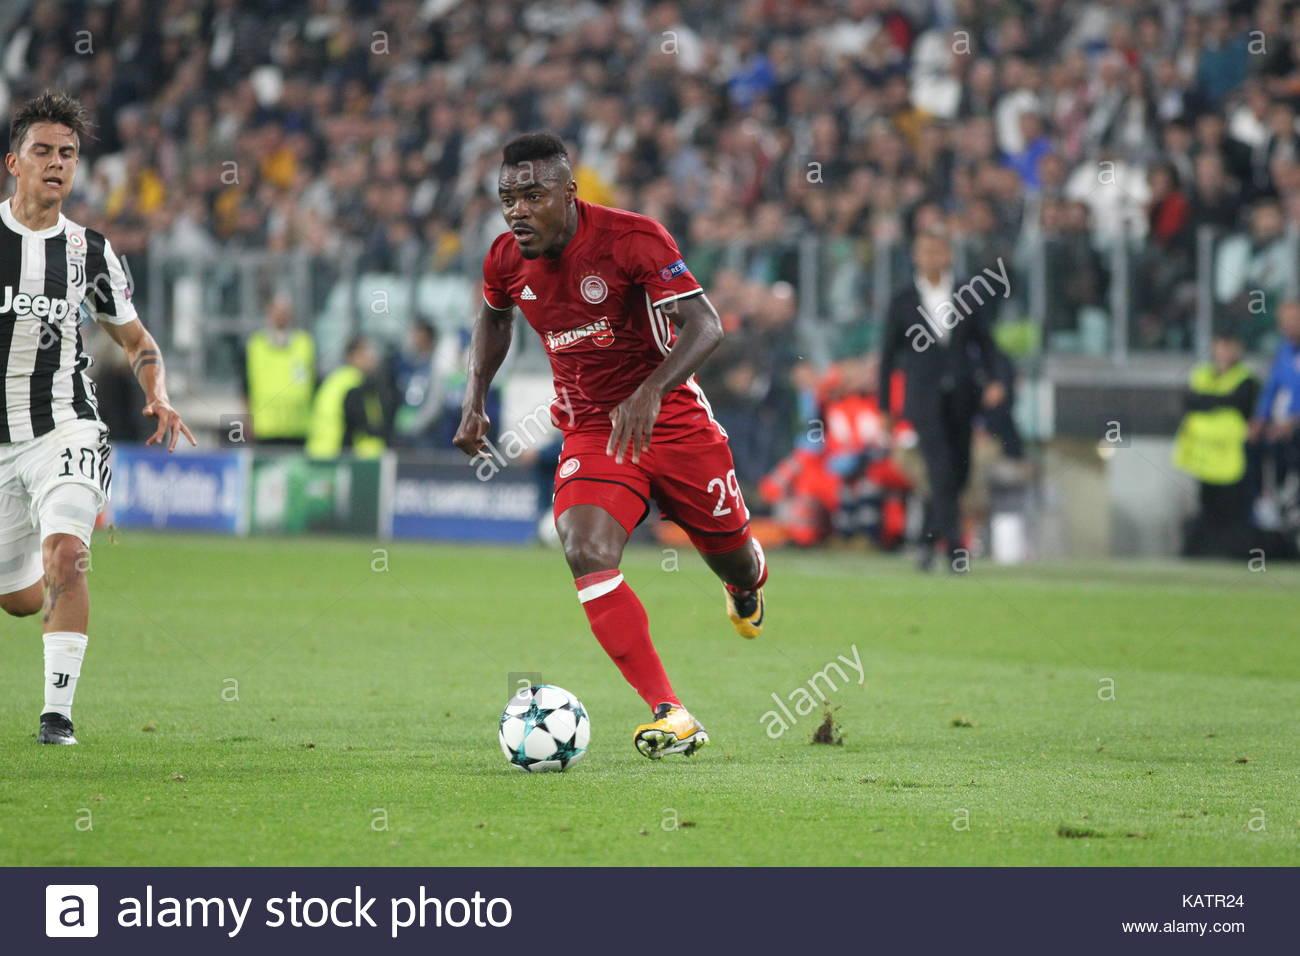 Turin Italy 27th Sep 2017 Emmanuel Emenike Olympiacos FC